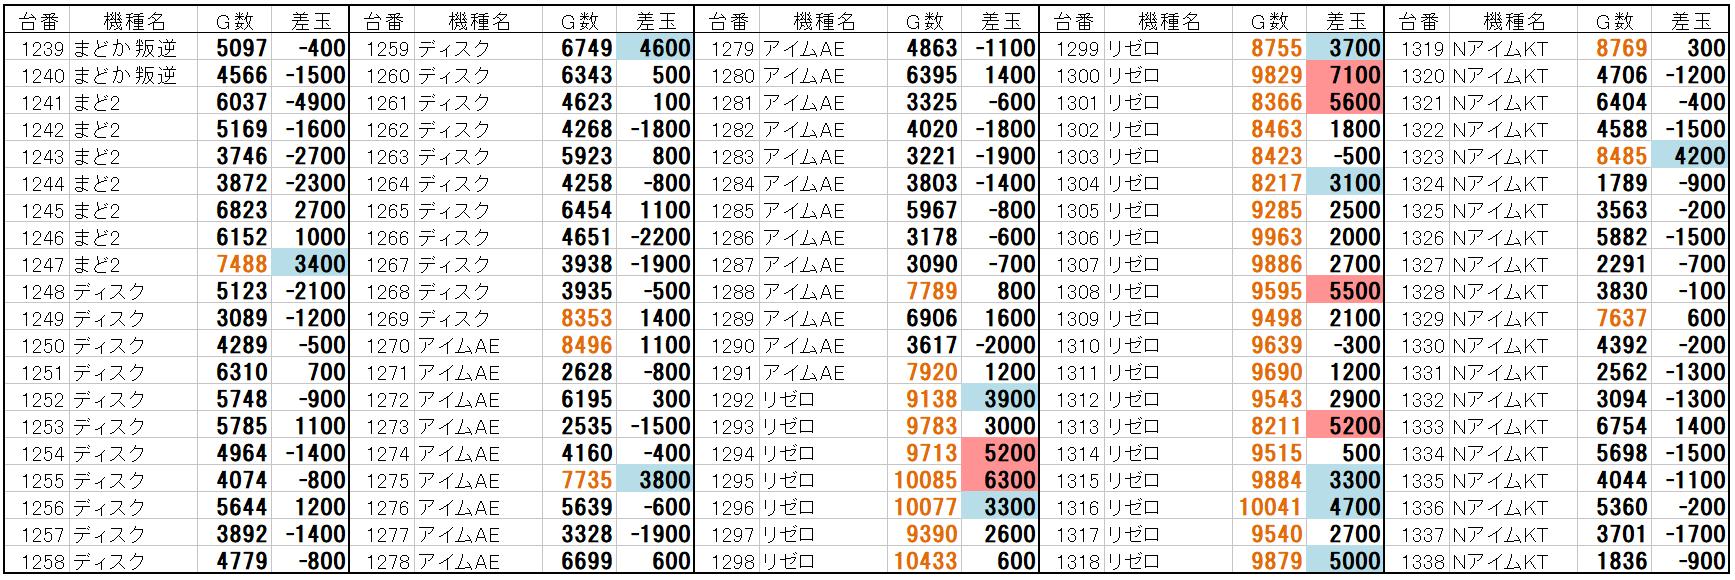 ビッグ アップル 加古川 データ